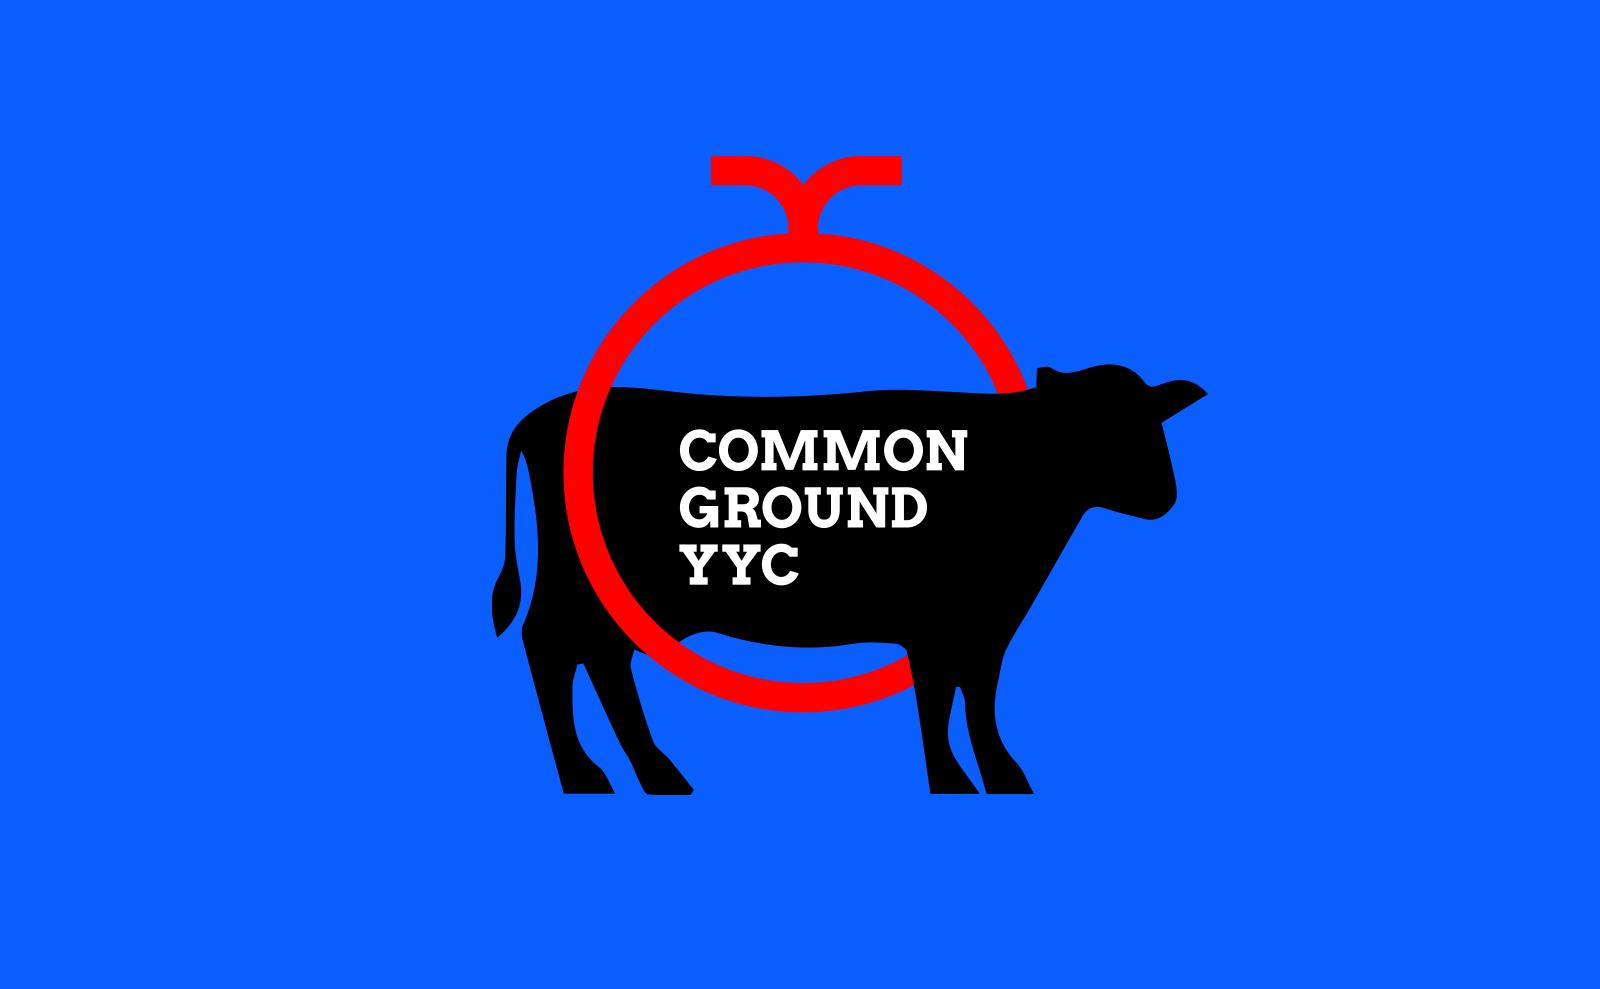 Common Ground YYC logo